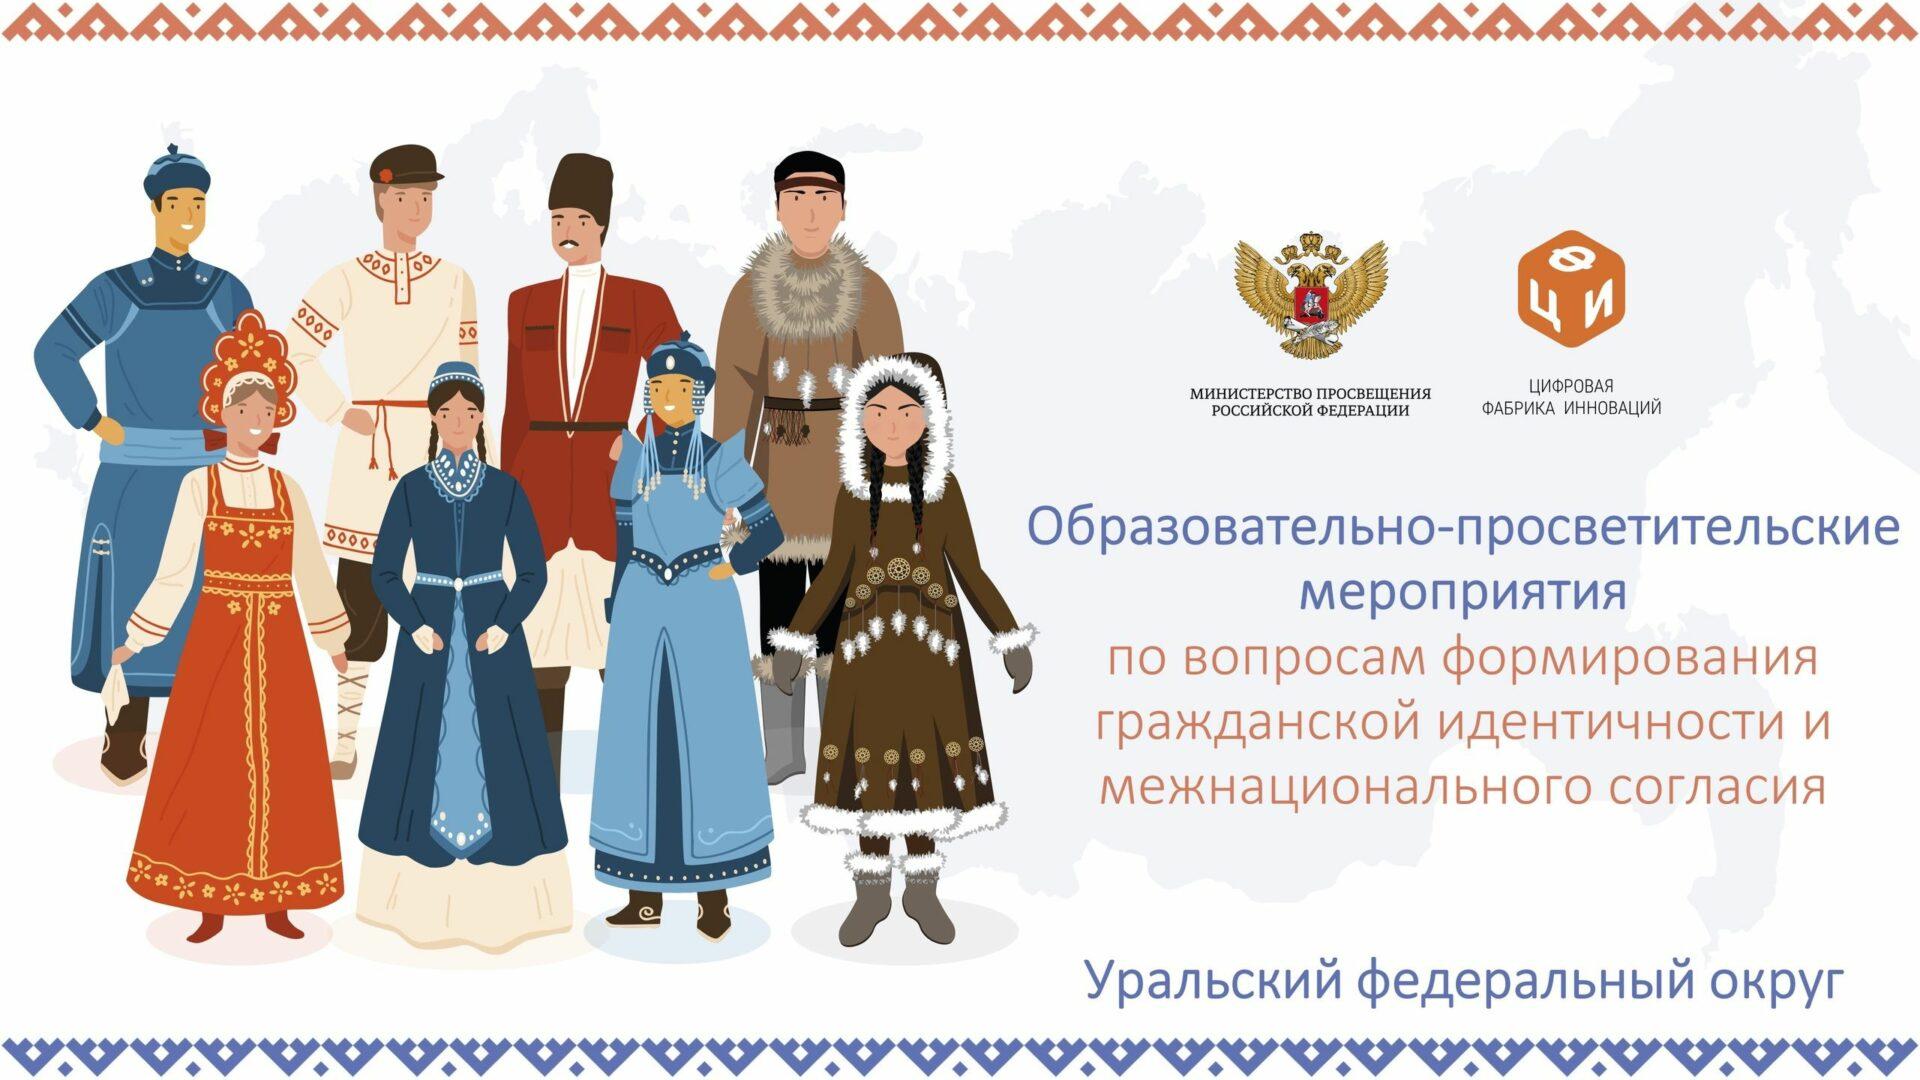 В Челябинске прошли образовательно-просветительские мероприятия по вопросам формирования гражданской идентичности и межнационального согласия